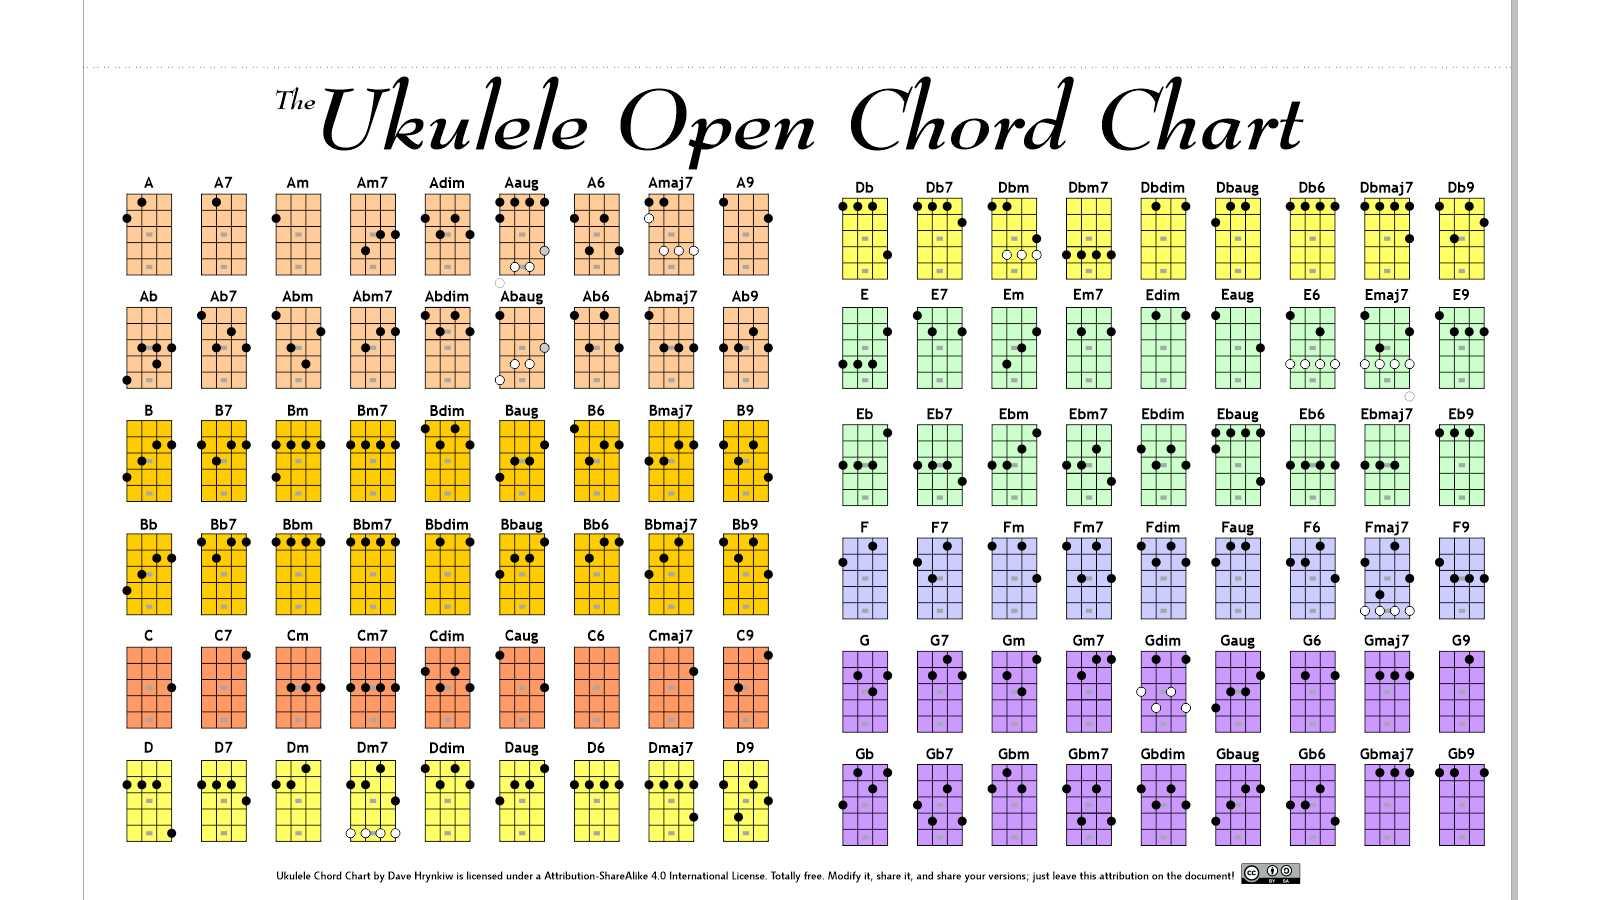 Ukulele Open Chord Chart By Hockeyrink Ukulele Open Chord Chart By  Hockeyrink